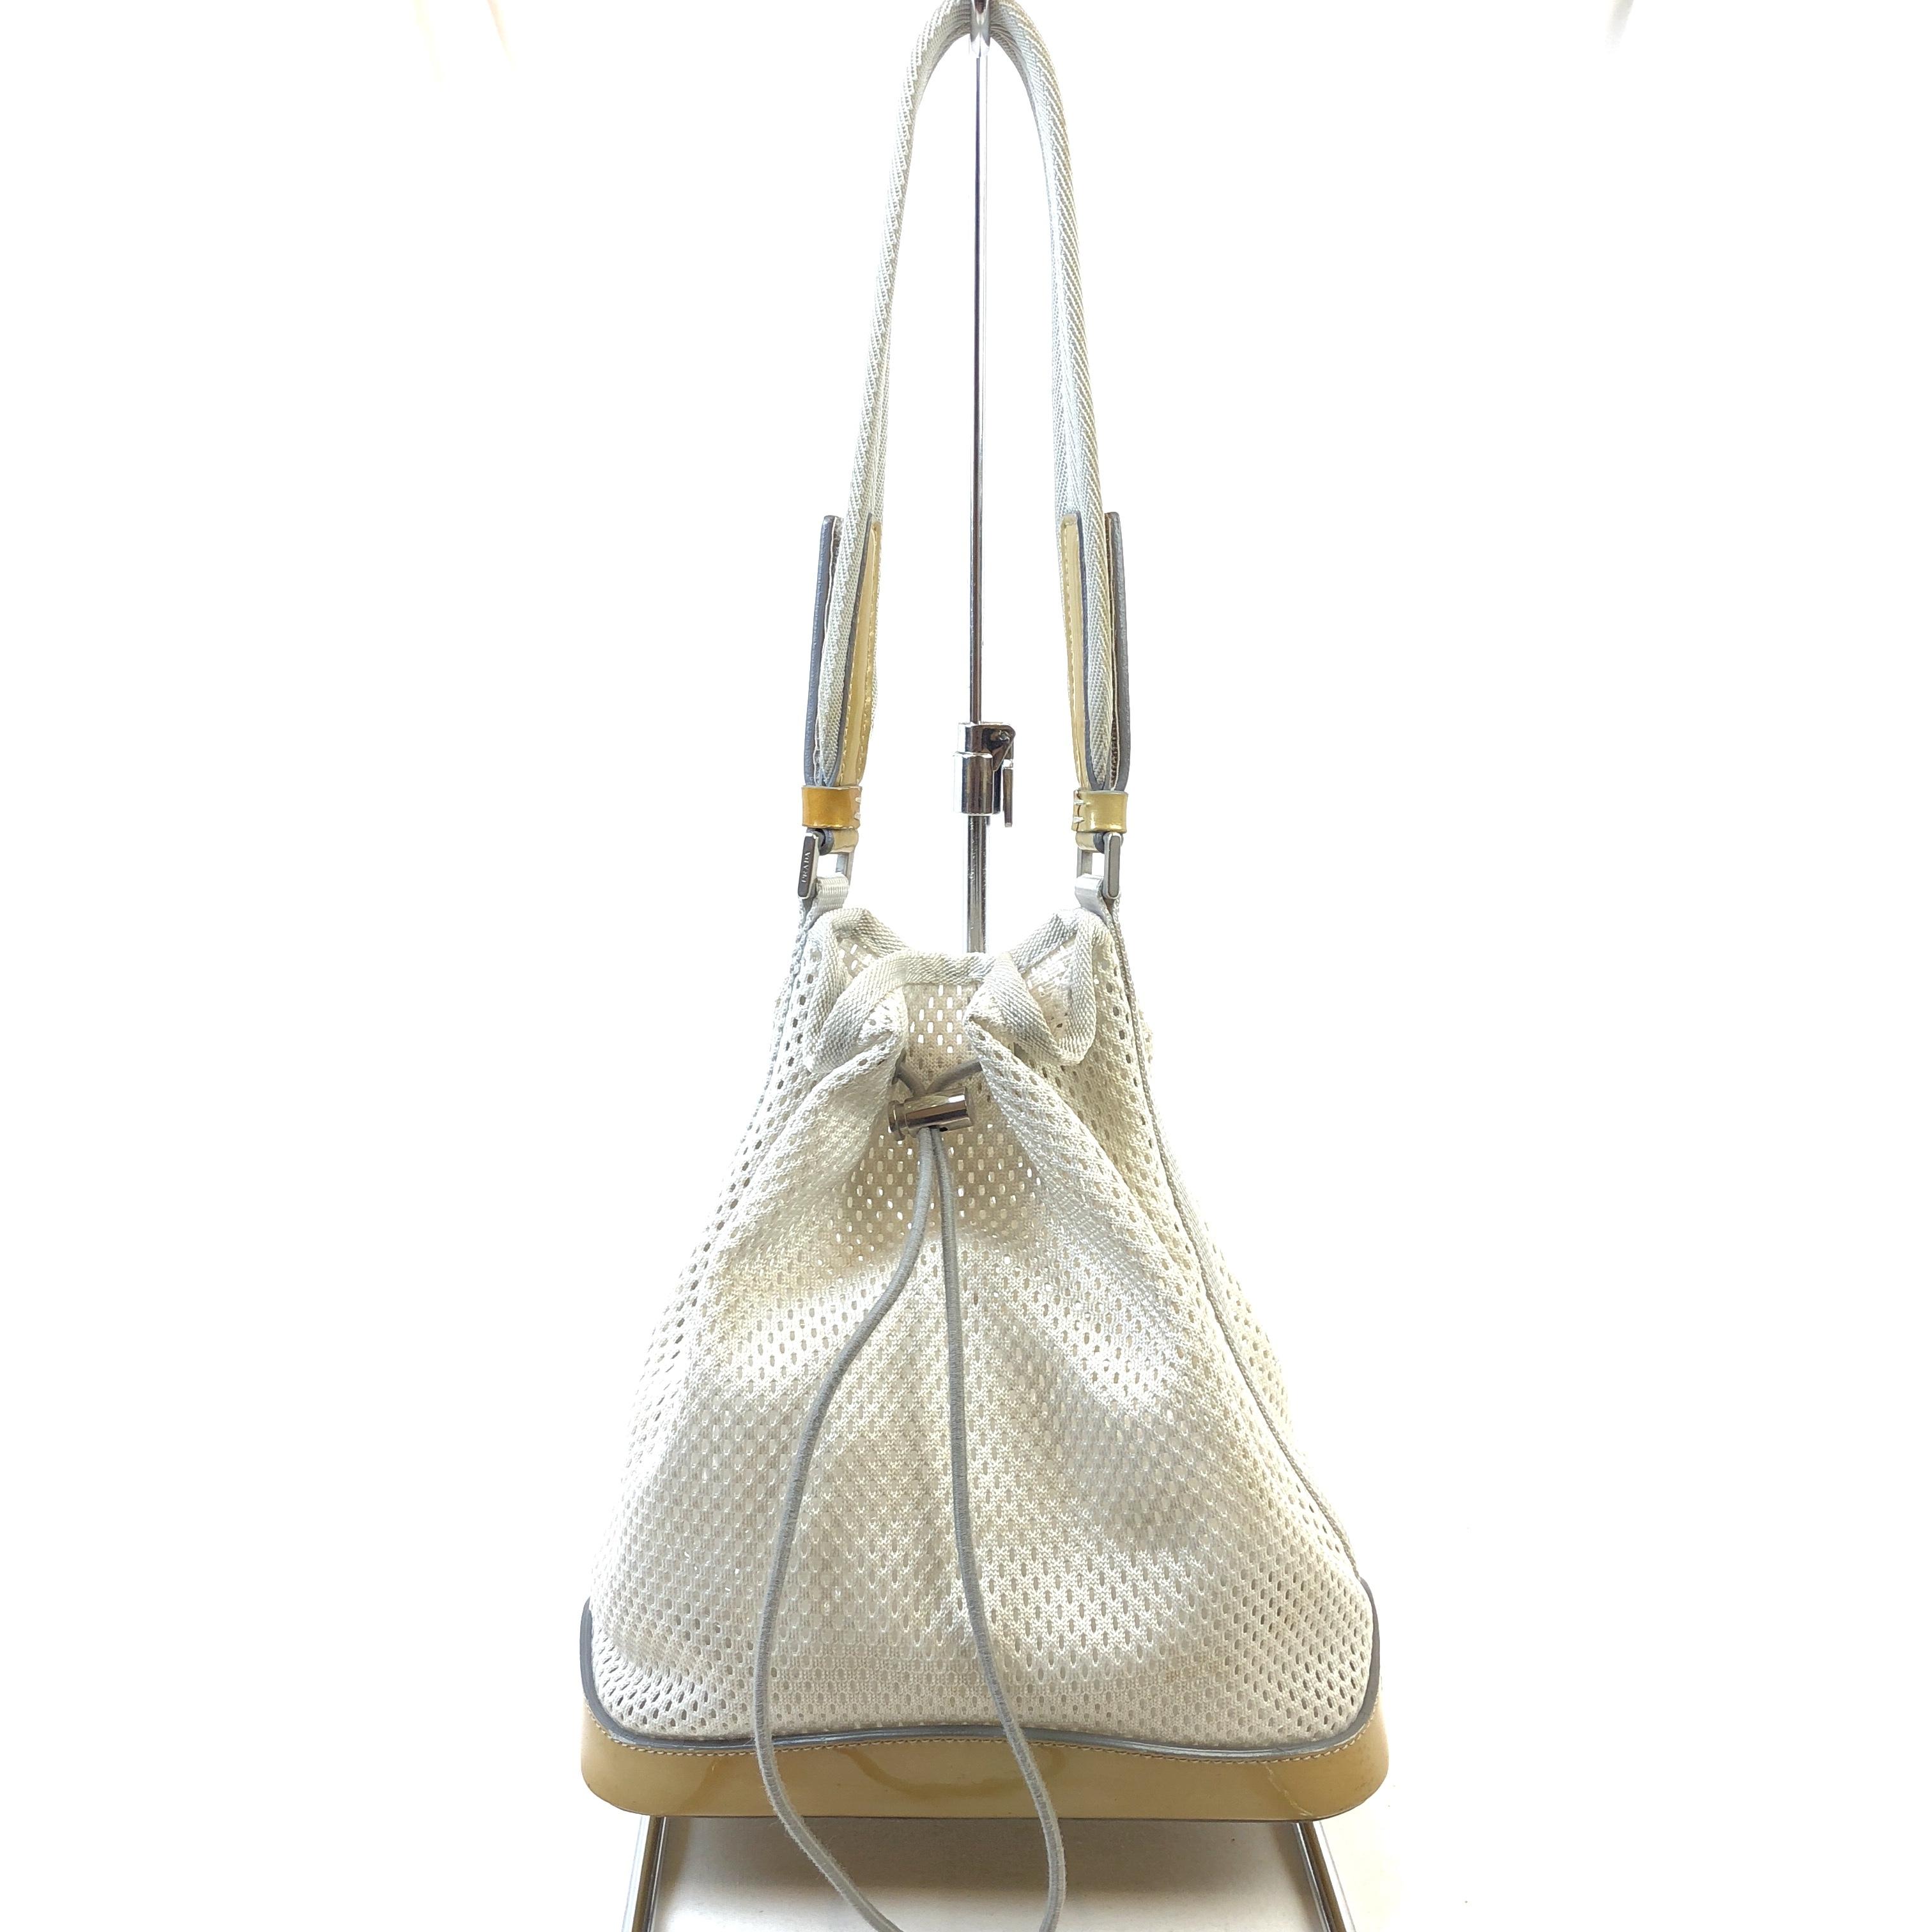 e1a1468e1ba1 PRADA プラダ メッシュ 巾着バッグ PVC クリアバッグ オフホワイト ゴールド vintage ヴィンテージ